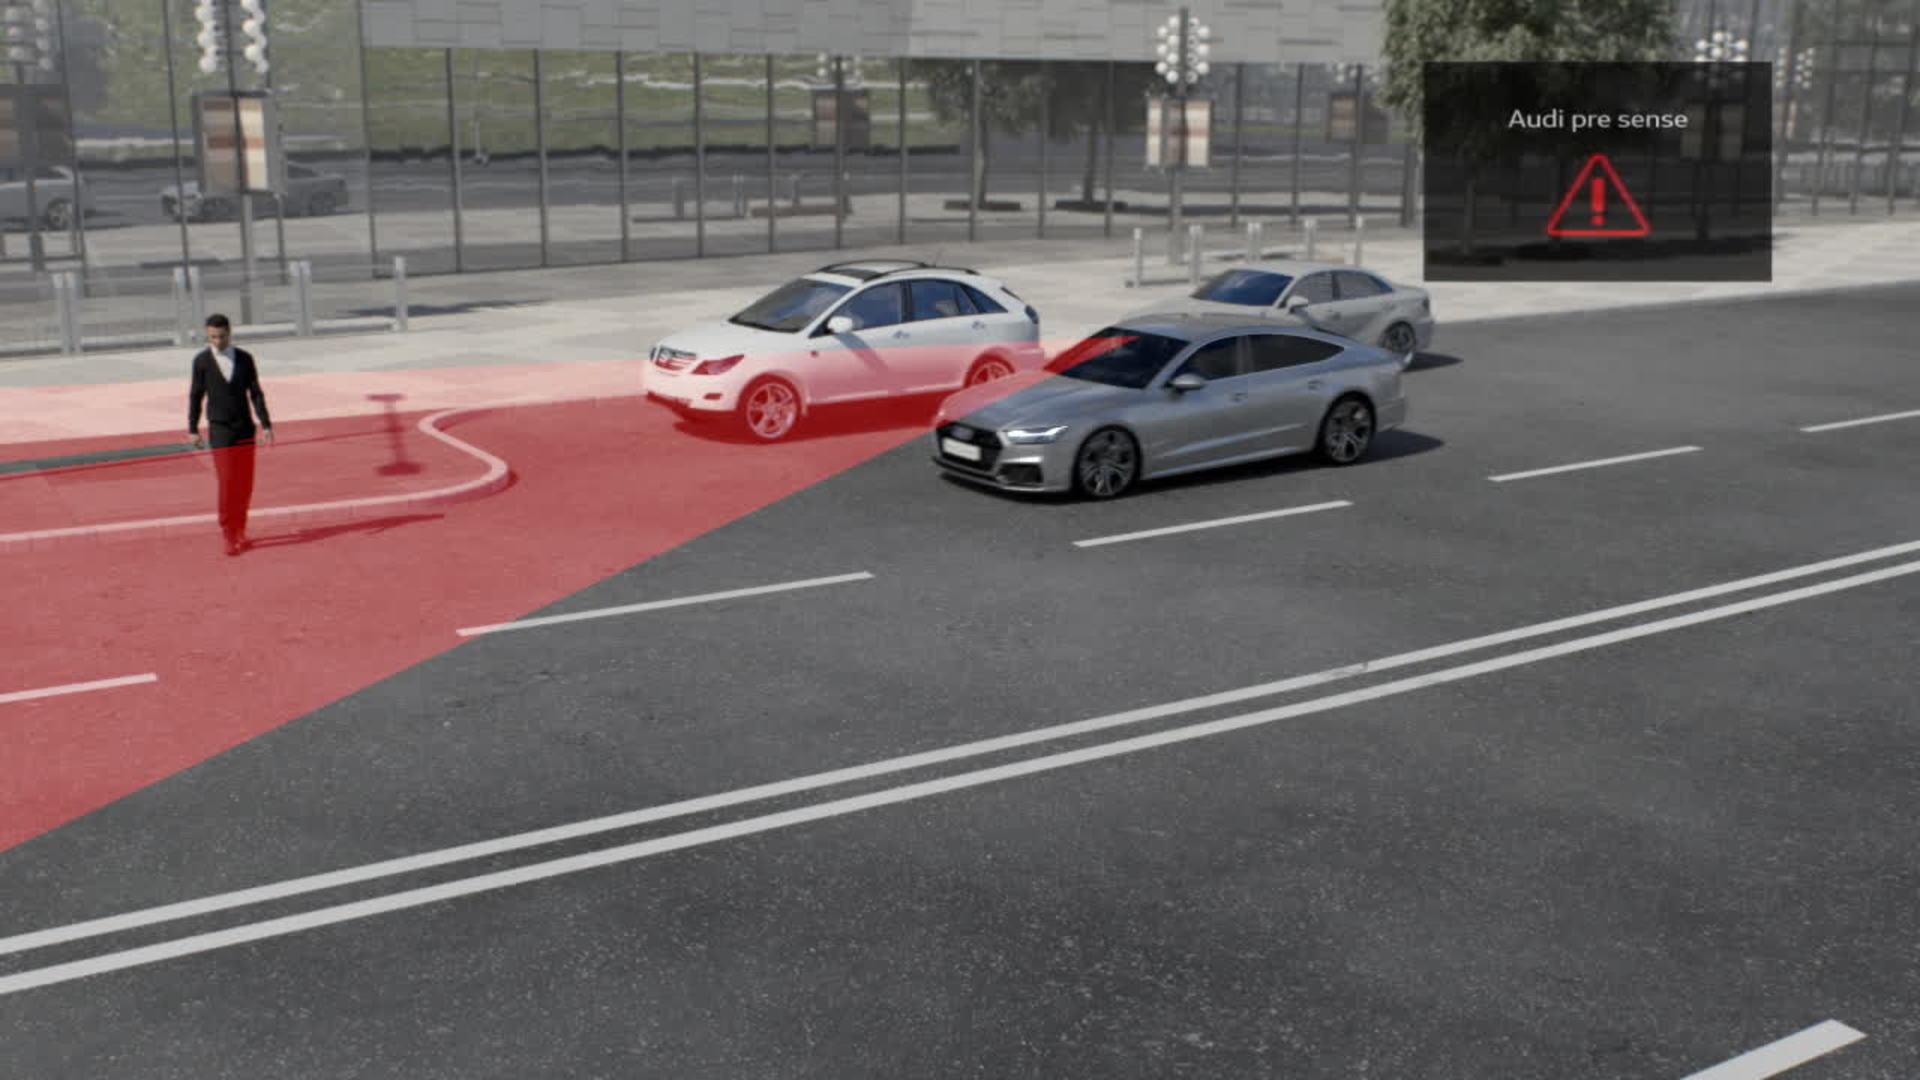 Audi A7 Animation Audi pre sense 360˚